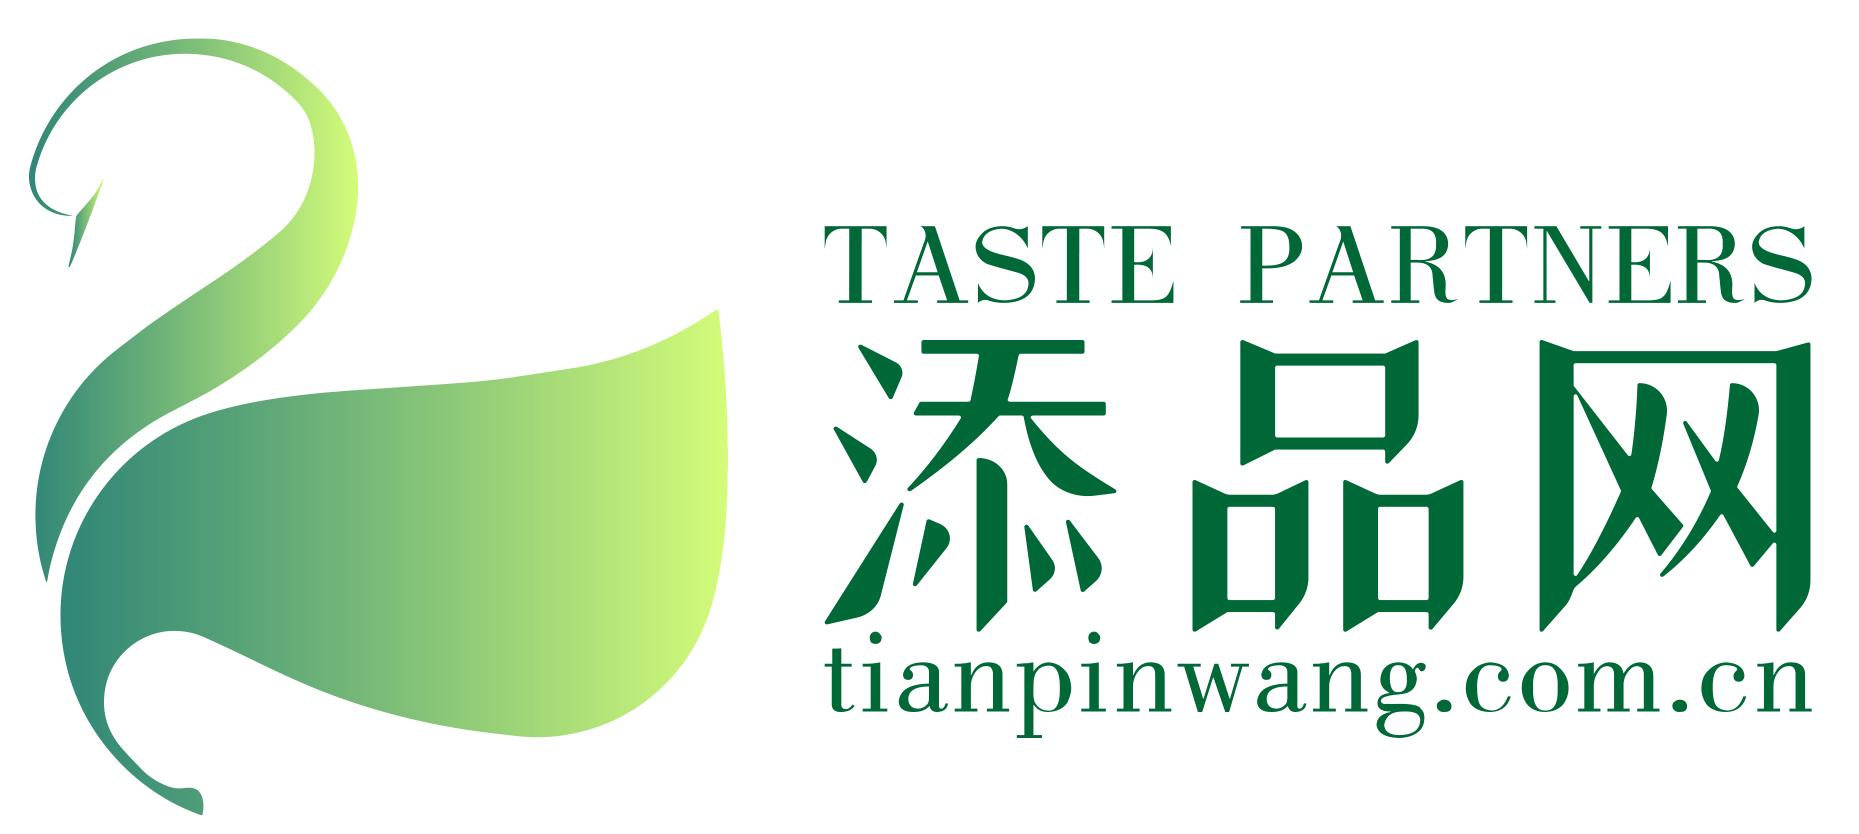 杭州添品网络科技有限公司logo